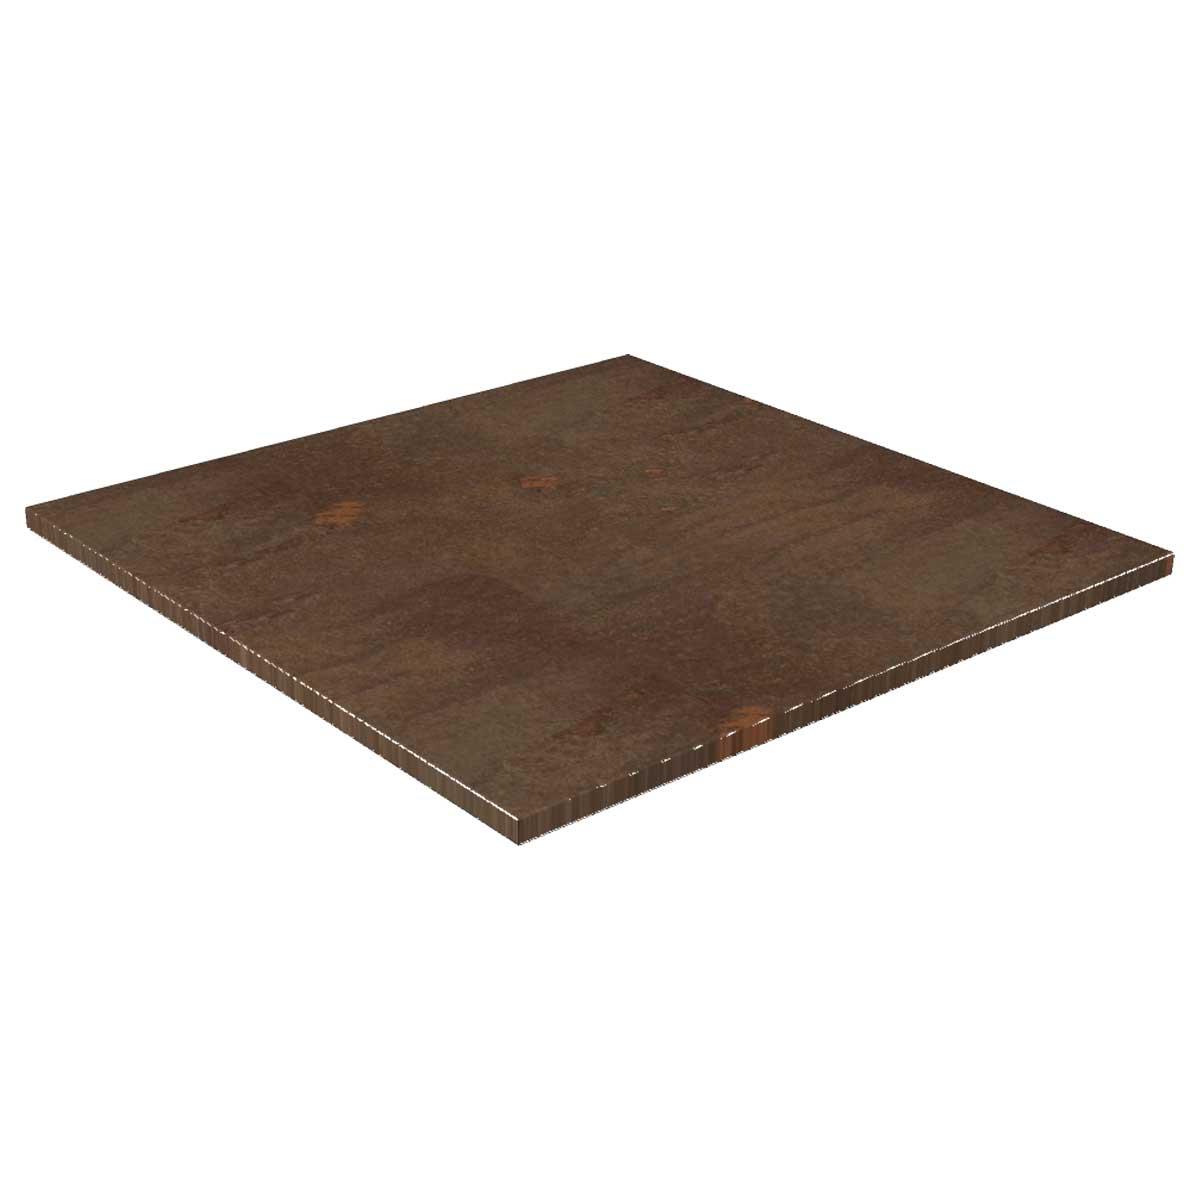 TICAM Q70 3276 - https://www.werzalit.com/fr/produit/plateau-de-table-cambium-q-70x70cm-epaisseur-de-panneau-39cm-decor-bonn/